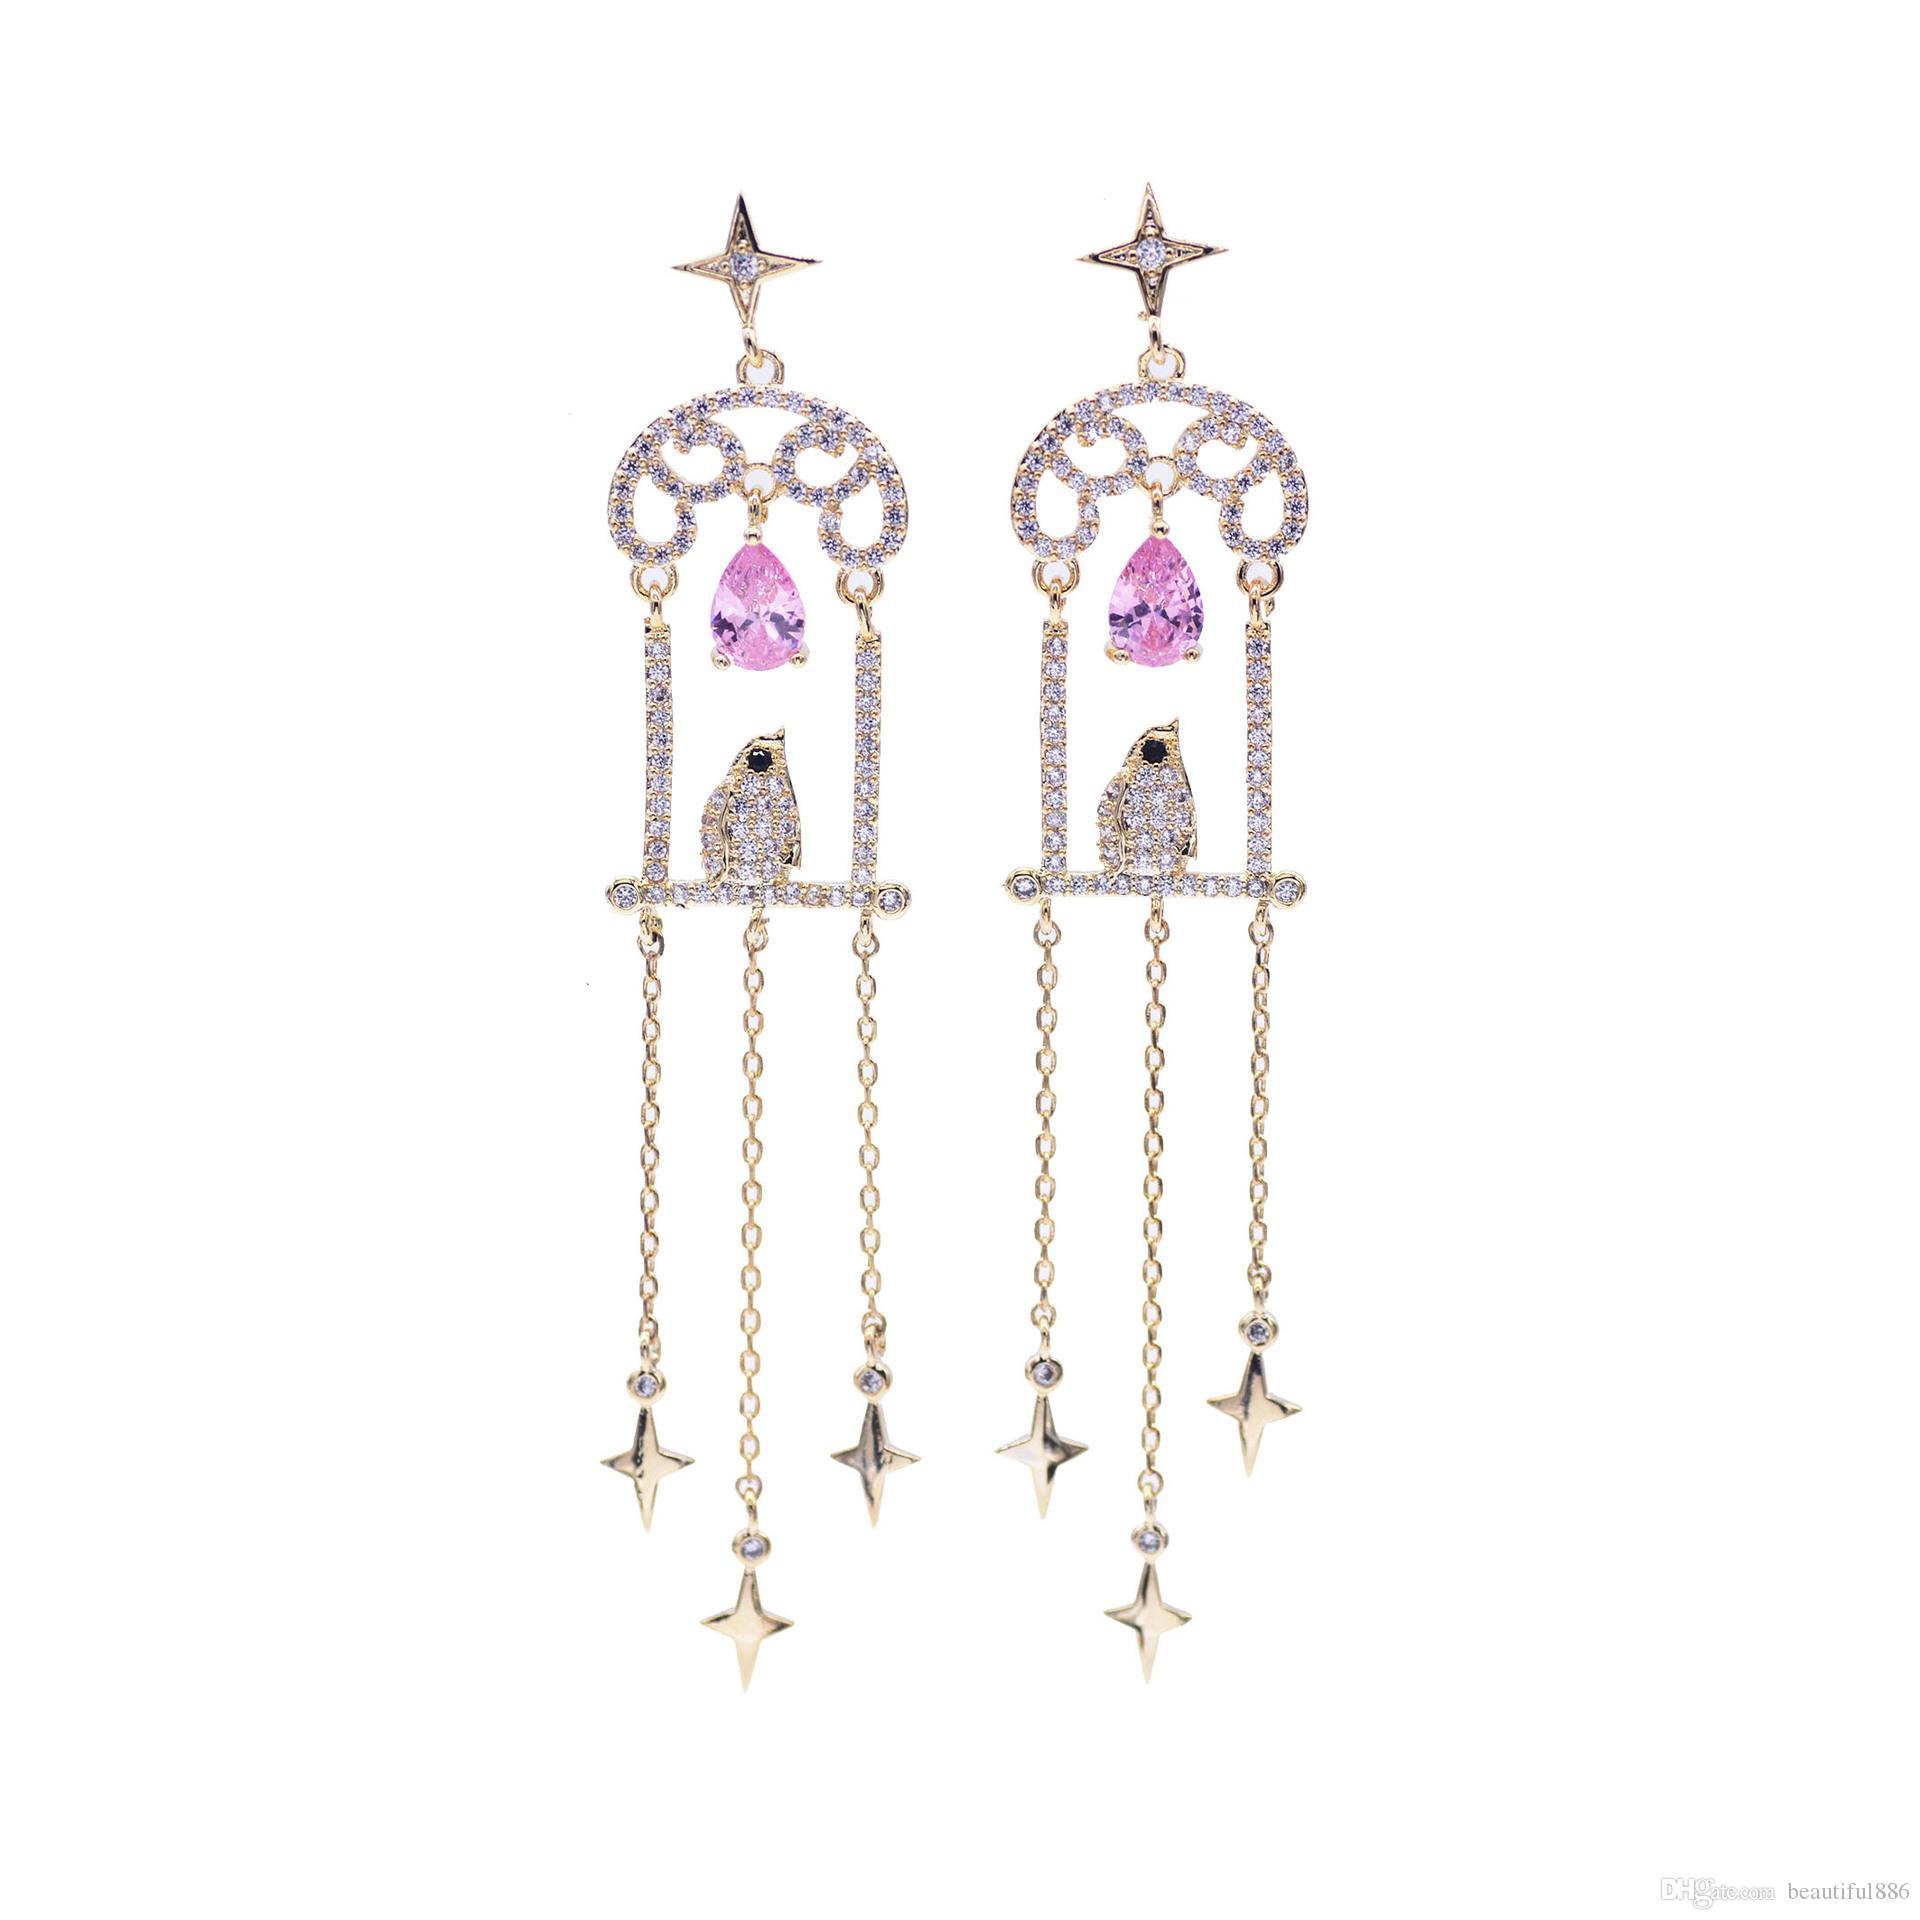 8c8b7d579 High Brand Fashion Super Long Tassel Earrings Birdcage Dangles S925 Sterling  Silver Needle Stud Earrings Super Zircon Chandelier